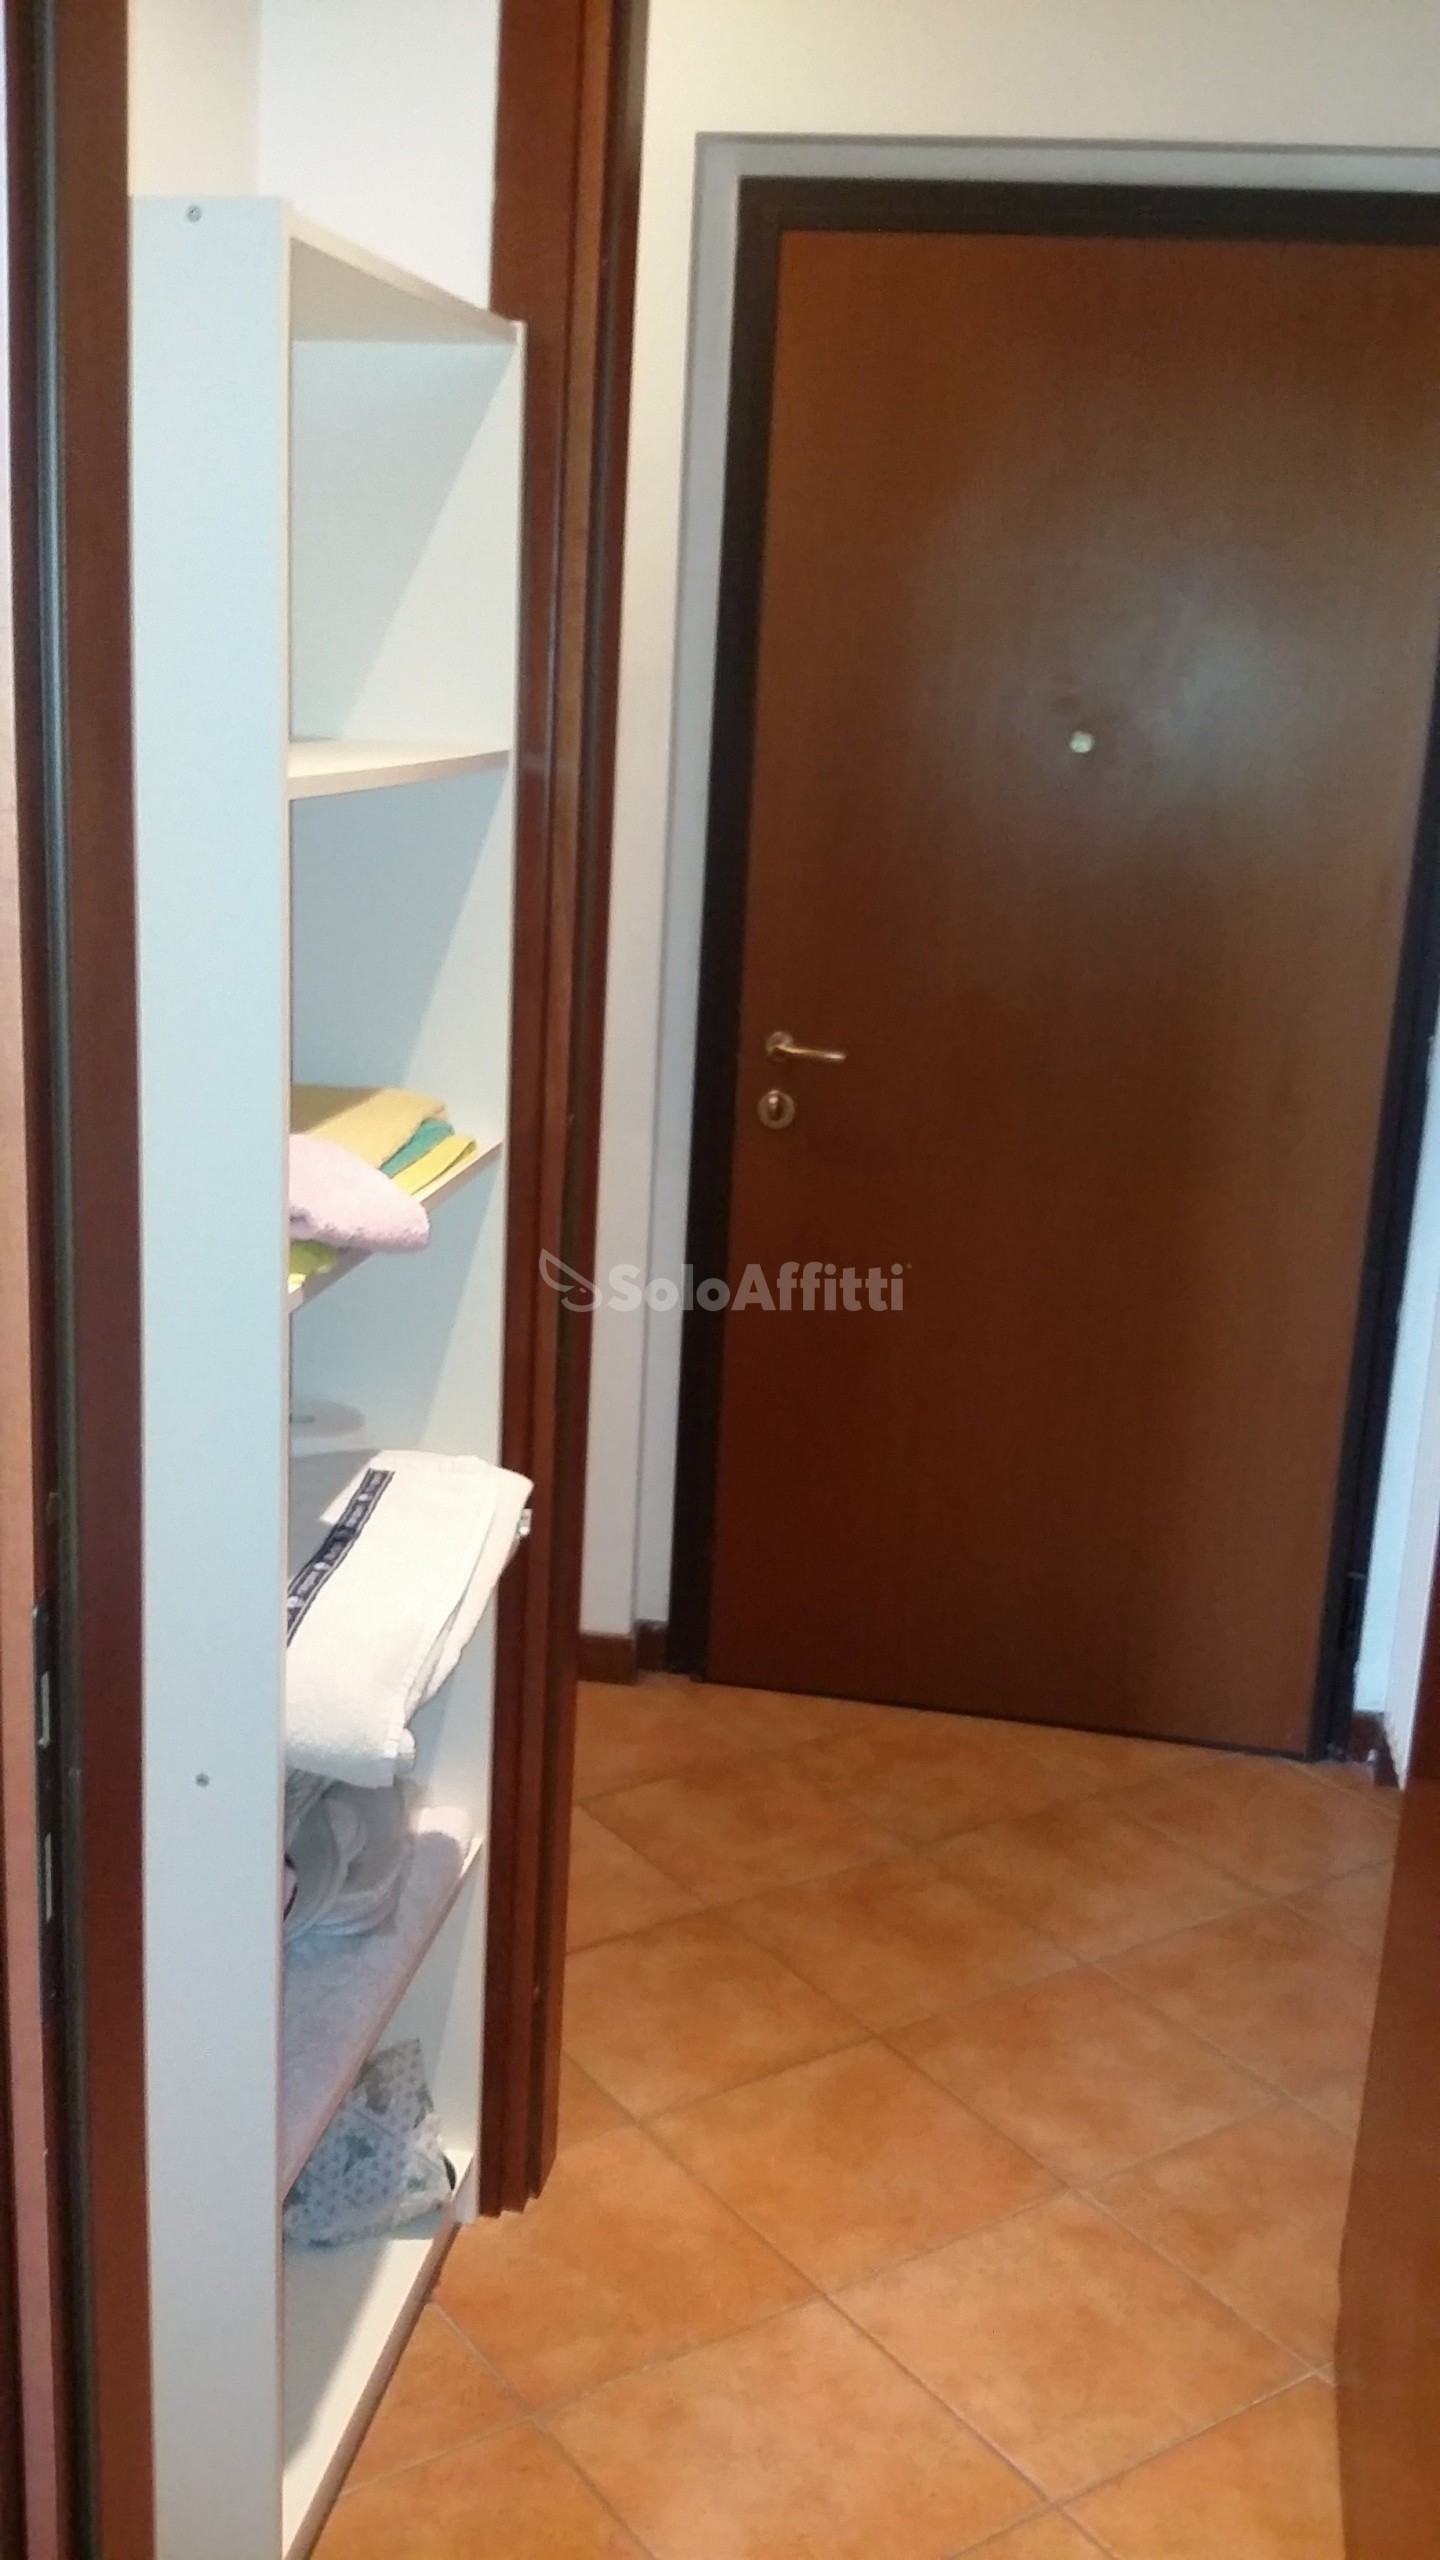 Affitto appartamento monolocale arredato 50 mq for Affitto lainate arredato